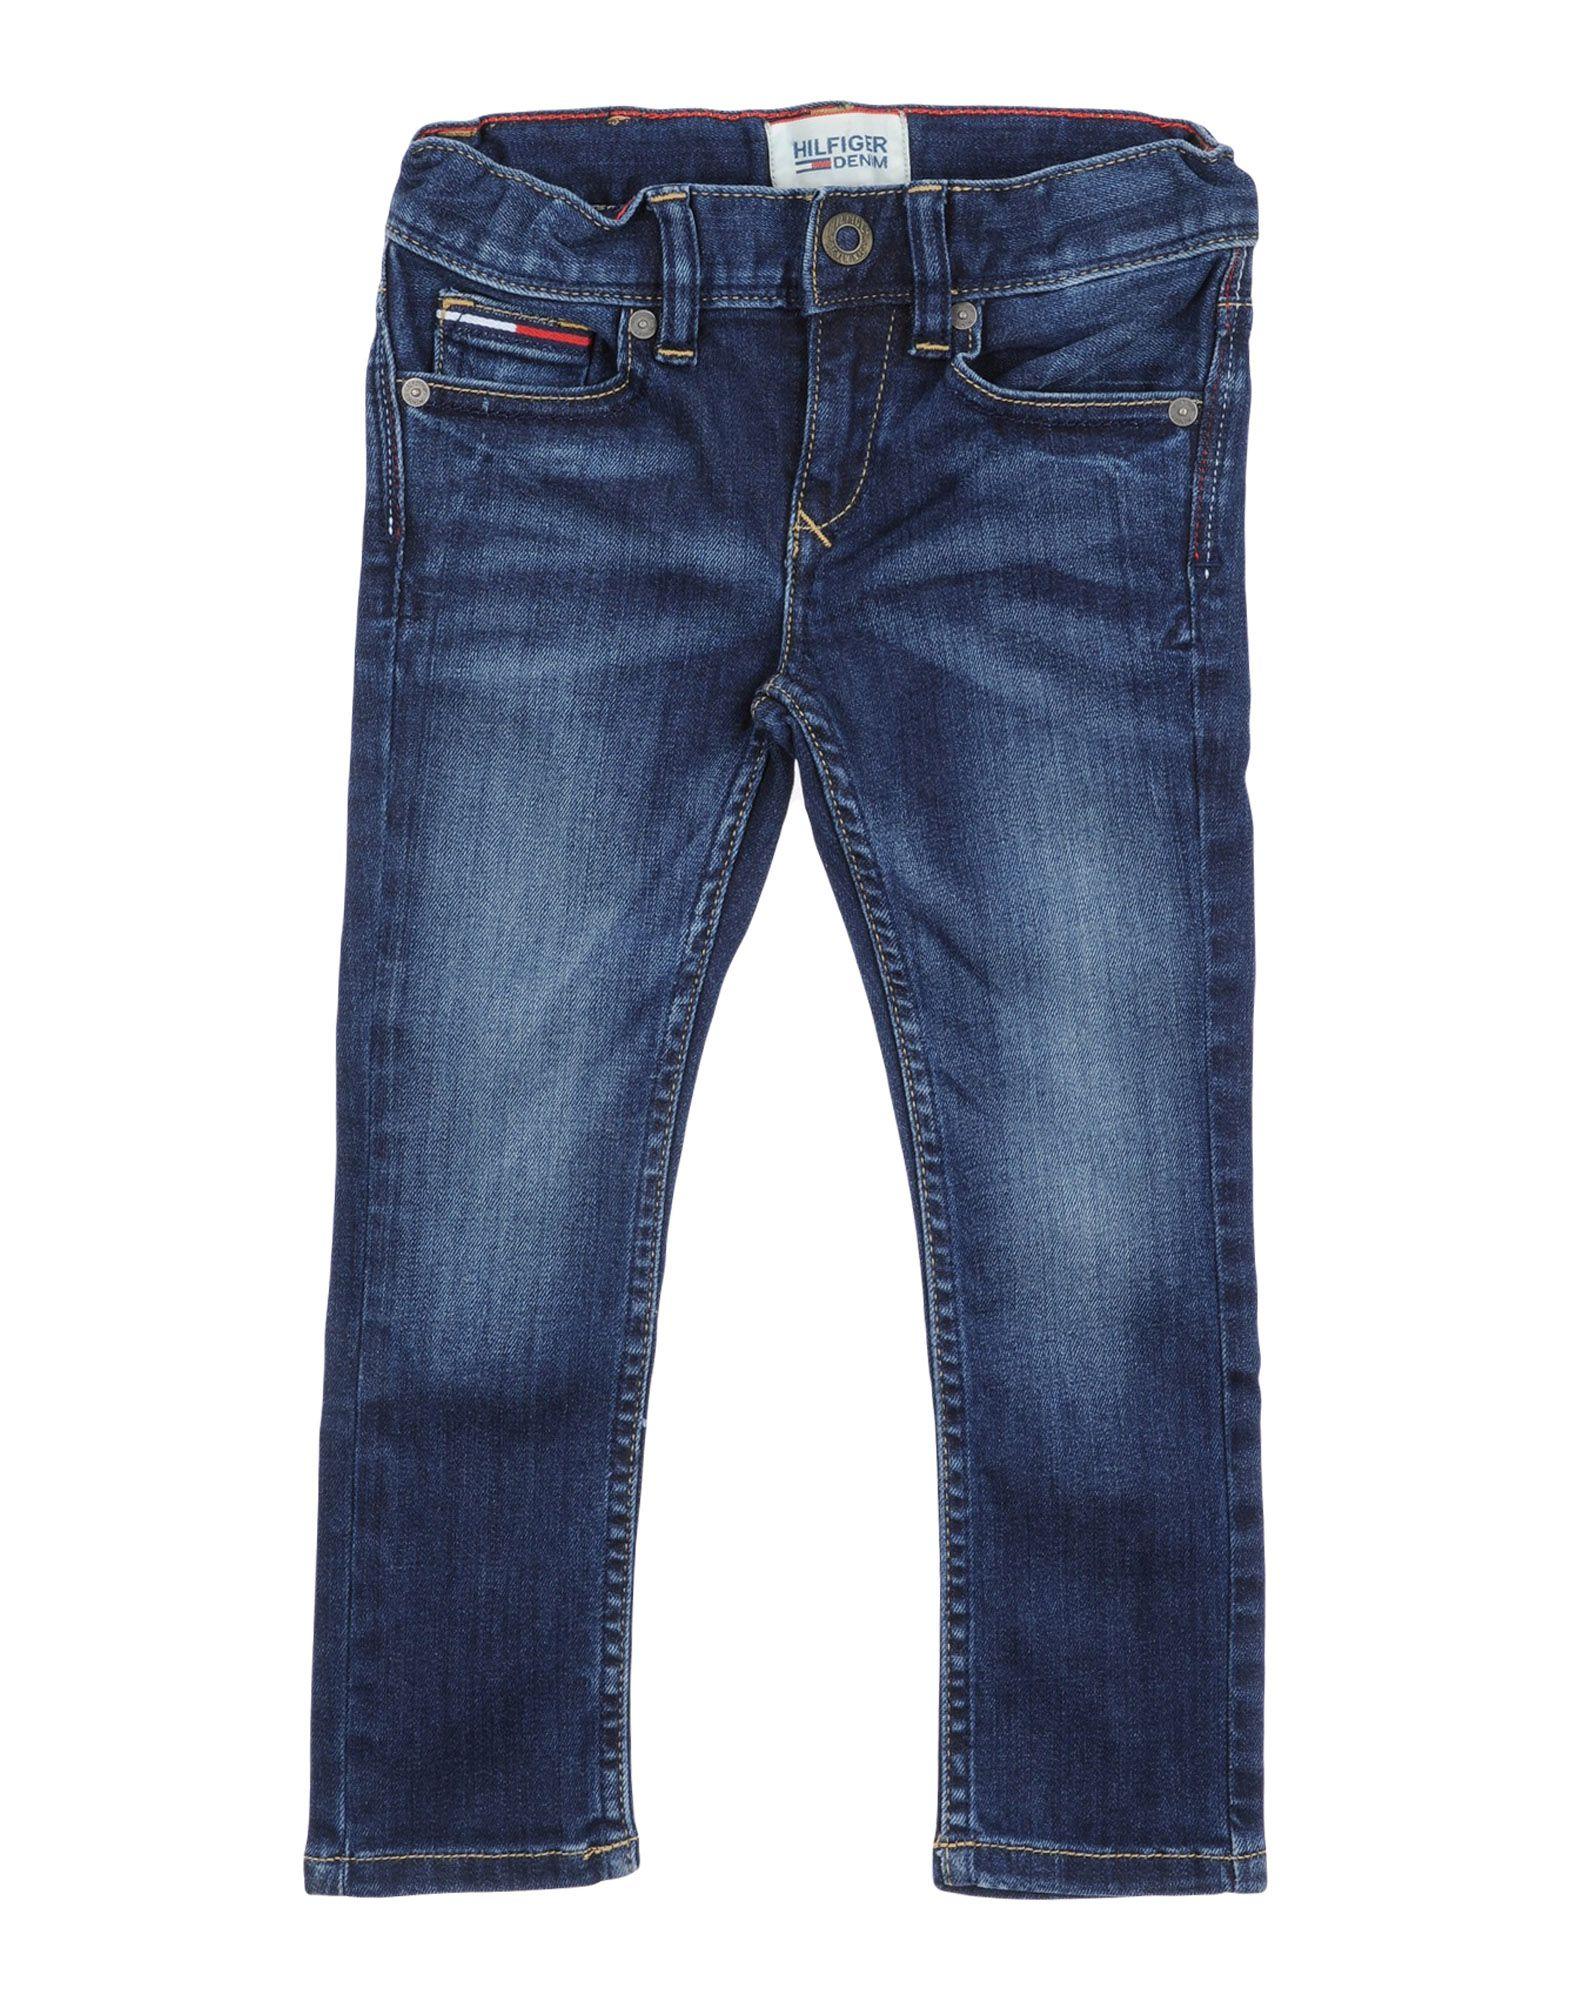 TOMMY HILFIGER DENIM Jungen 3-8 jahre Jeanshose Farbe Blau Größe 1